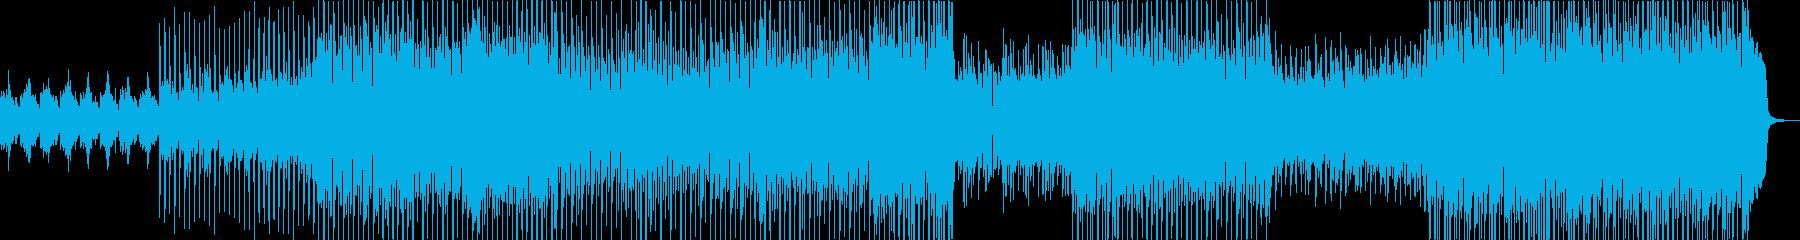 爽やかなシンセ・打楽器・鈴などポップの再生済みの波形